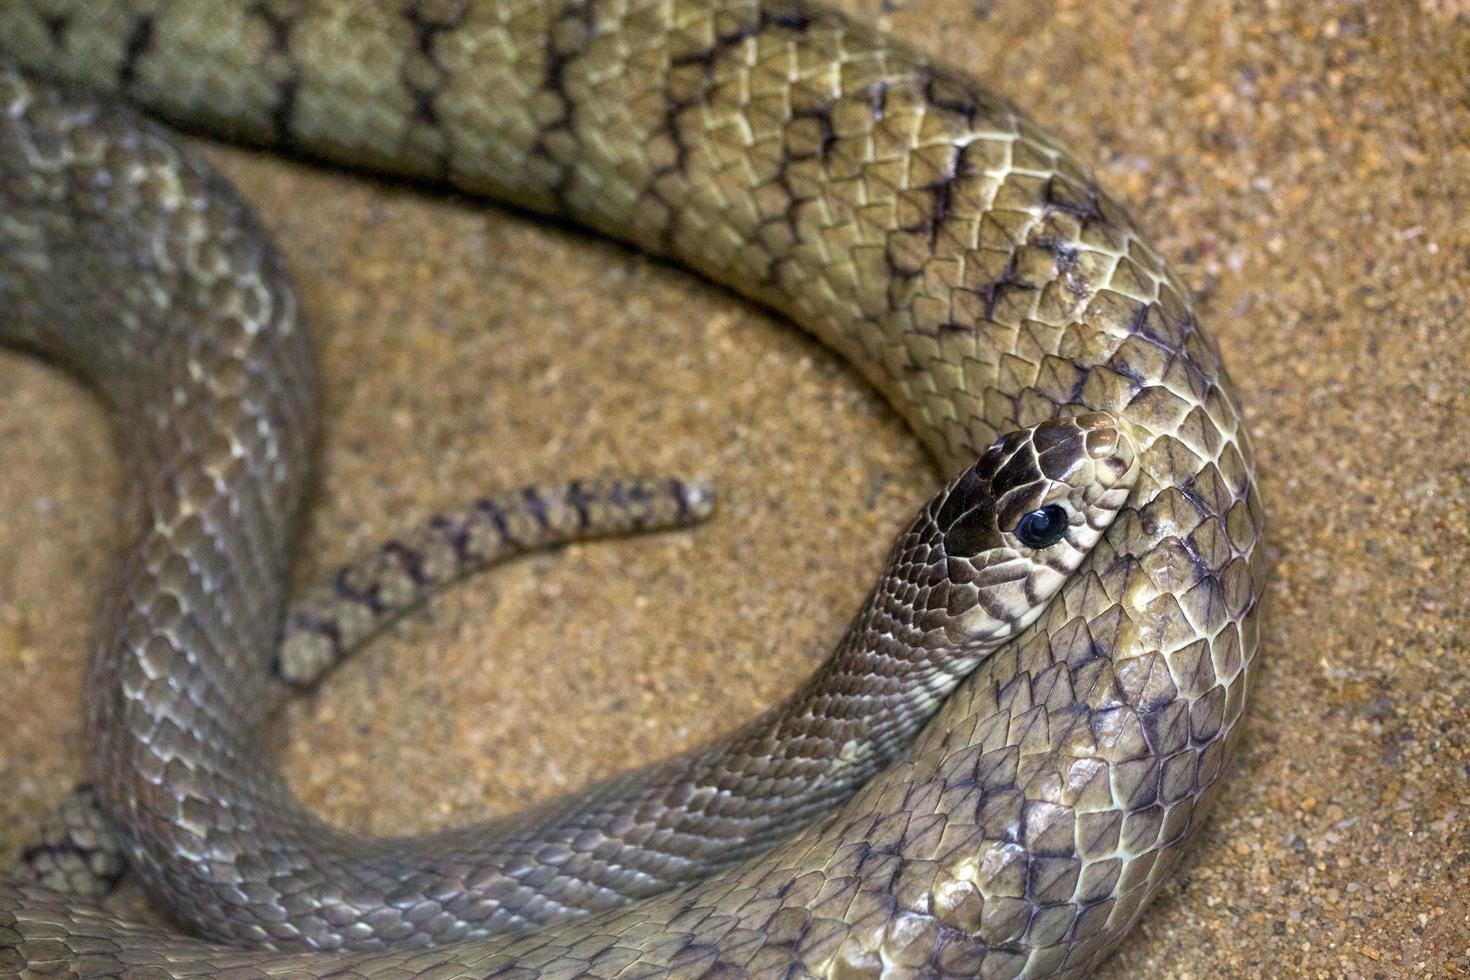 Serpiente rata oriental en la arena. foto